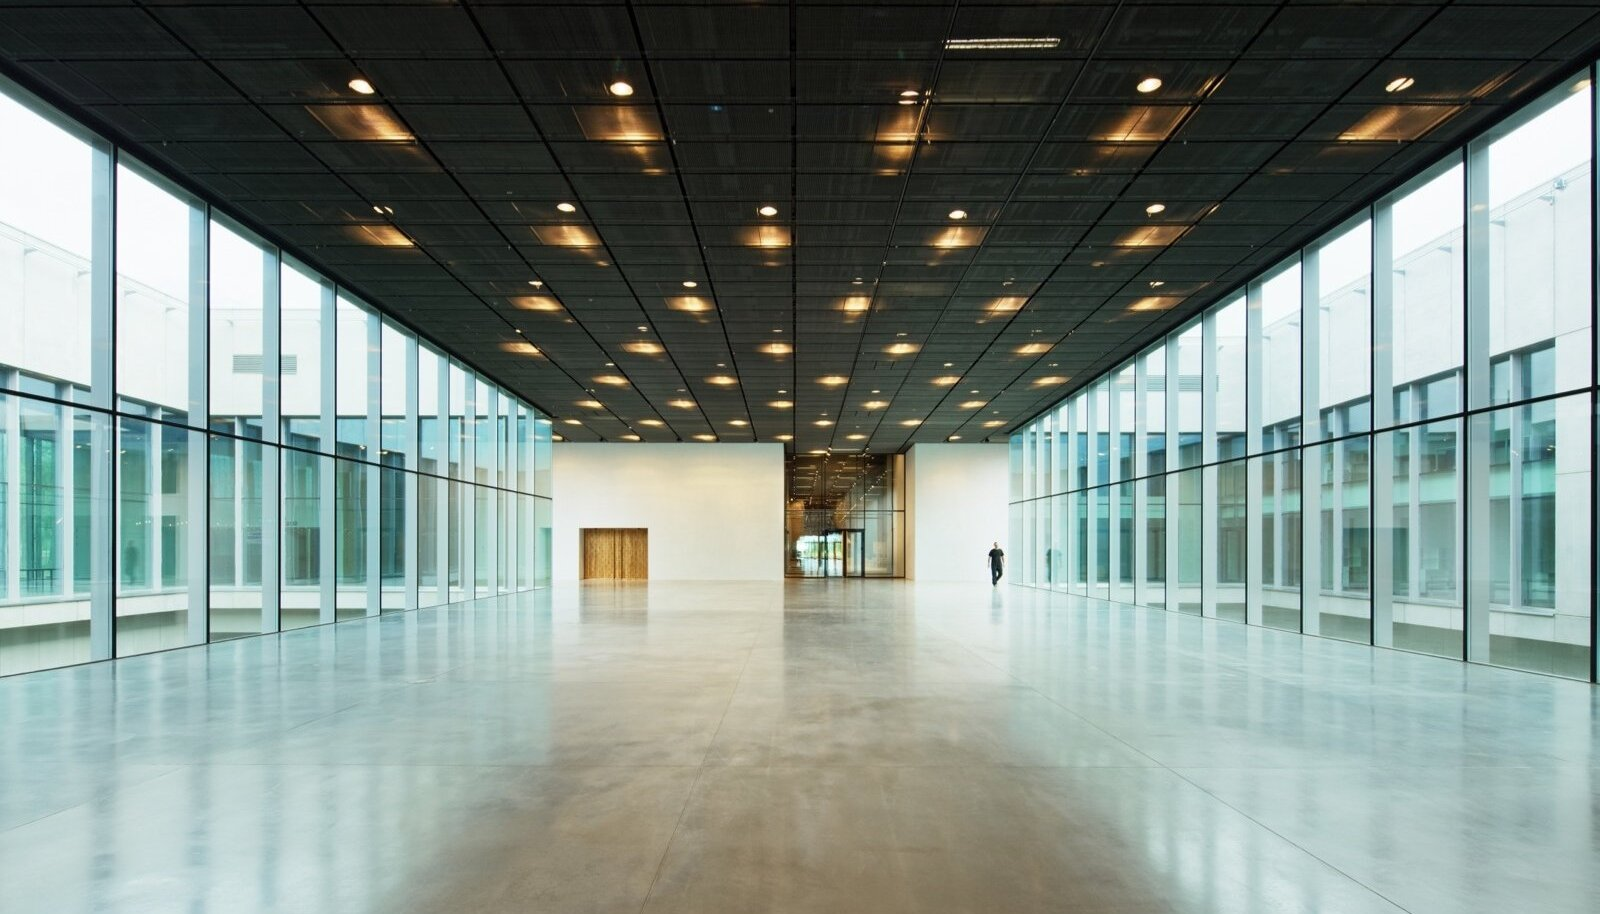 Hoone arhitektuur mõjub tervikuna värskelt, väärikalt, läbimõeldult, kvaliteetsellt.